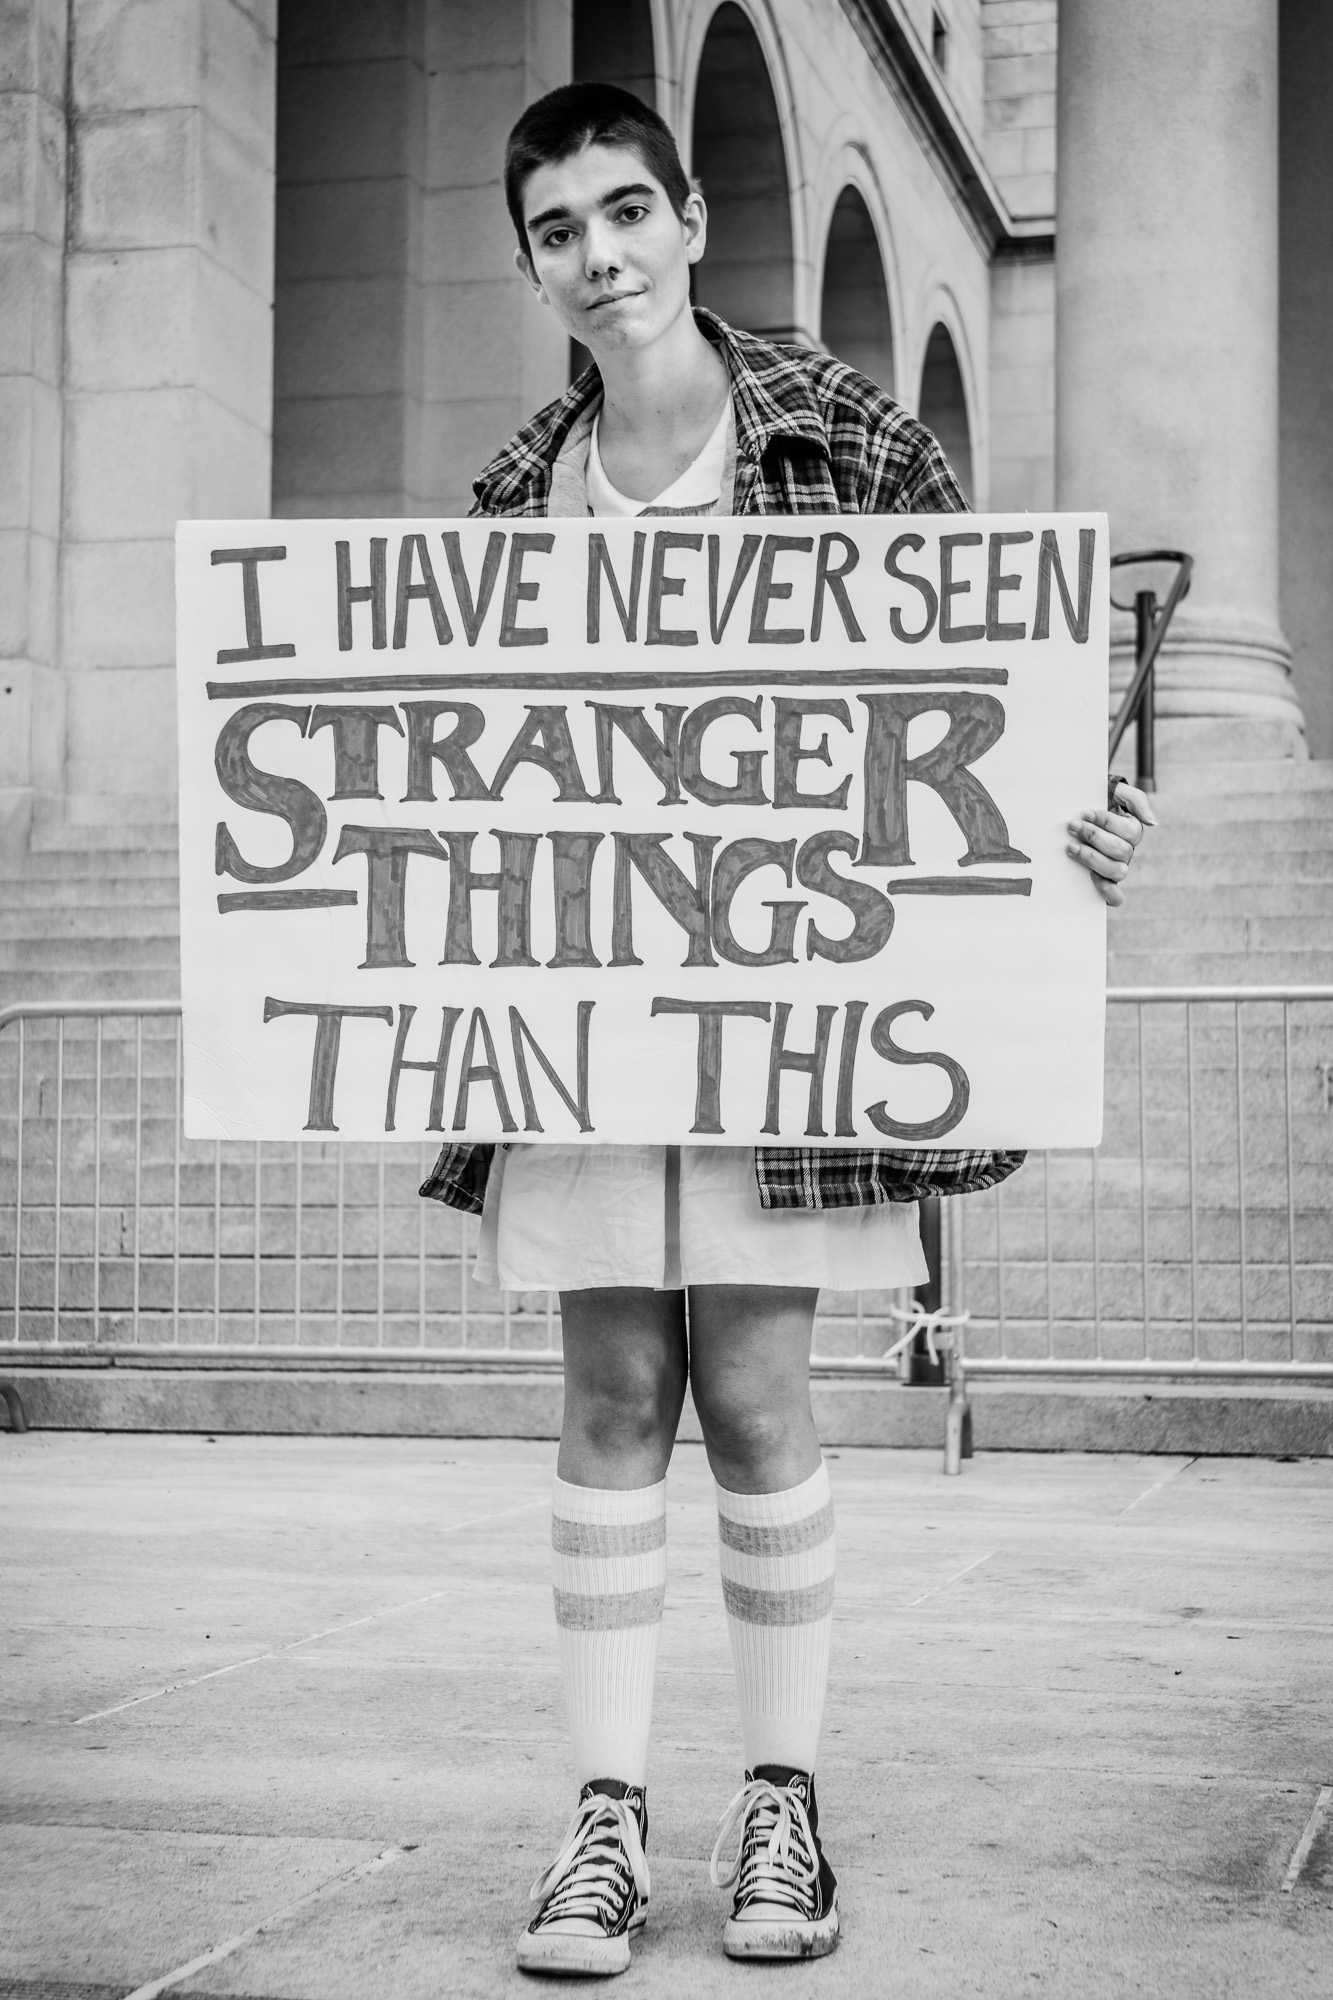 Protesting_52.jpg